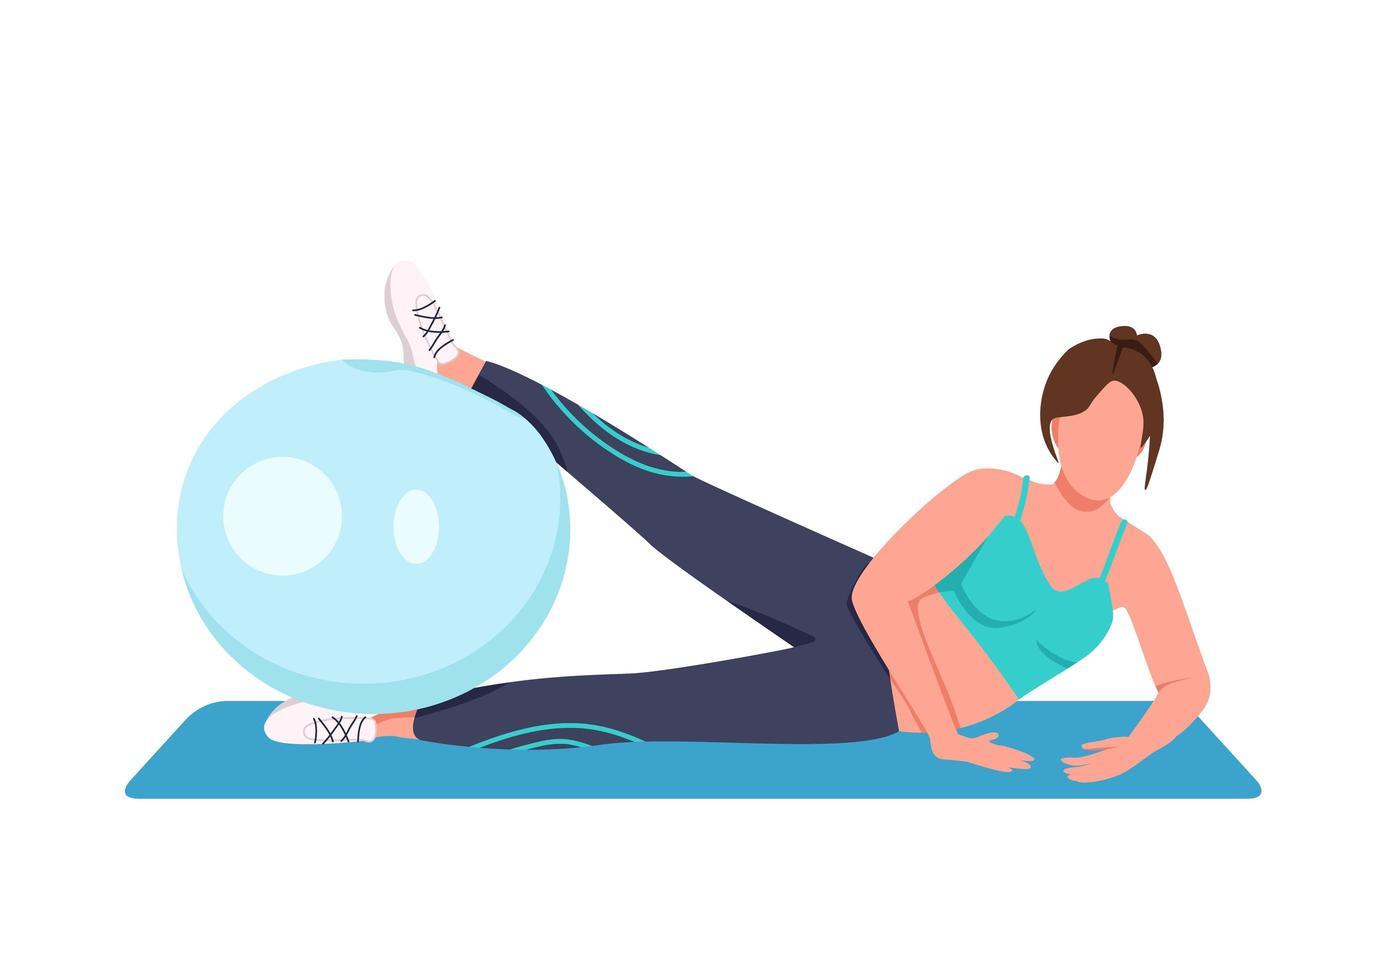 formation femme avec ballon suisse vecteur